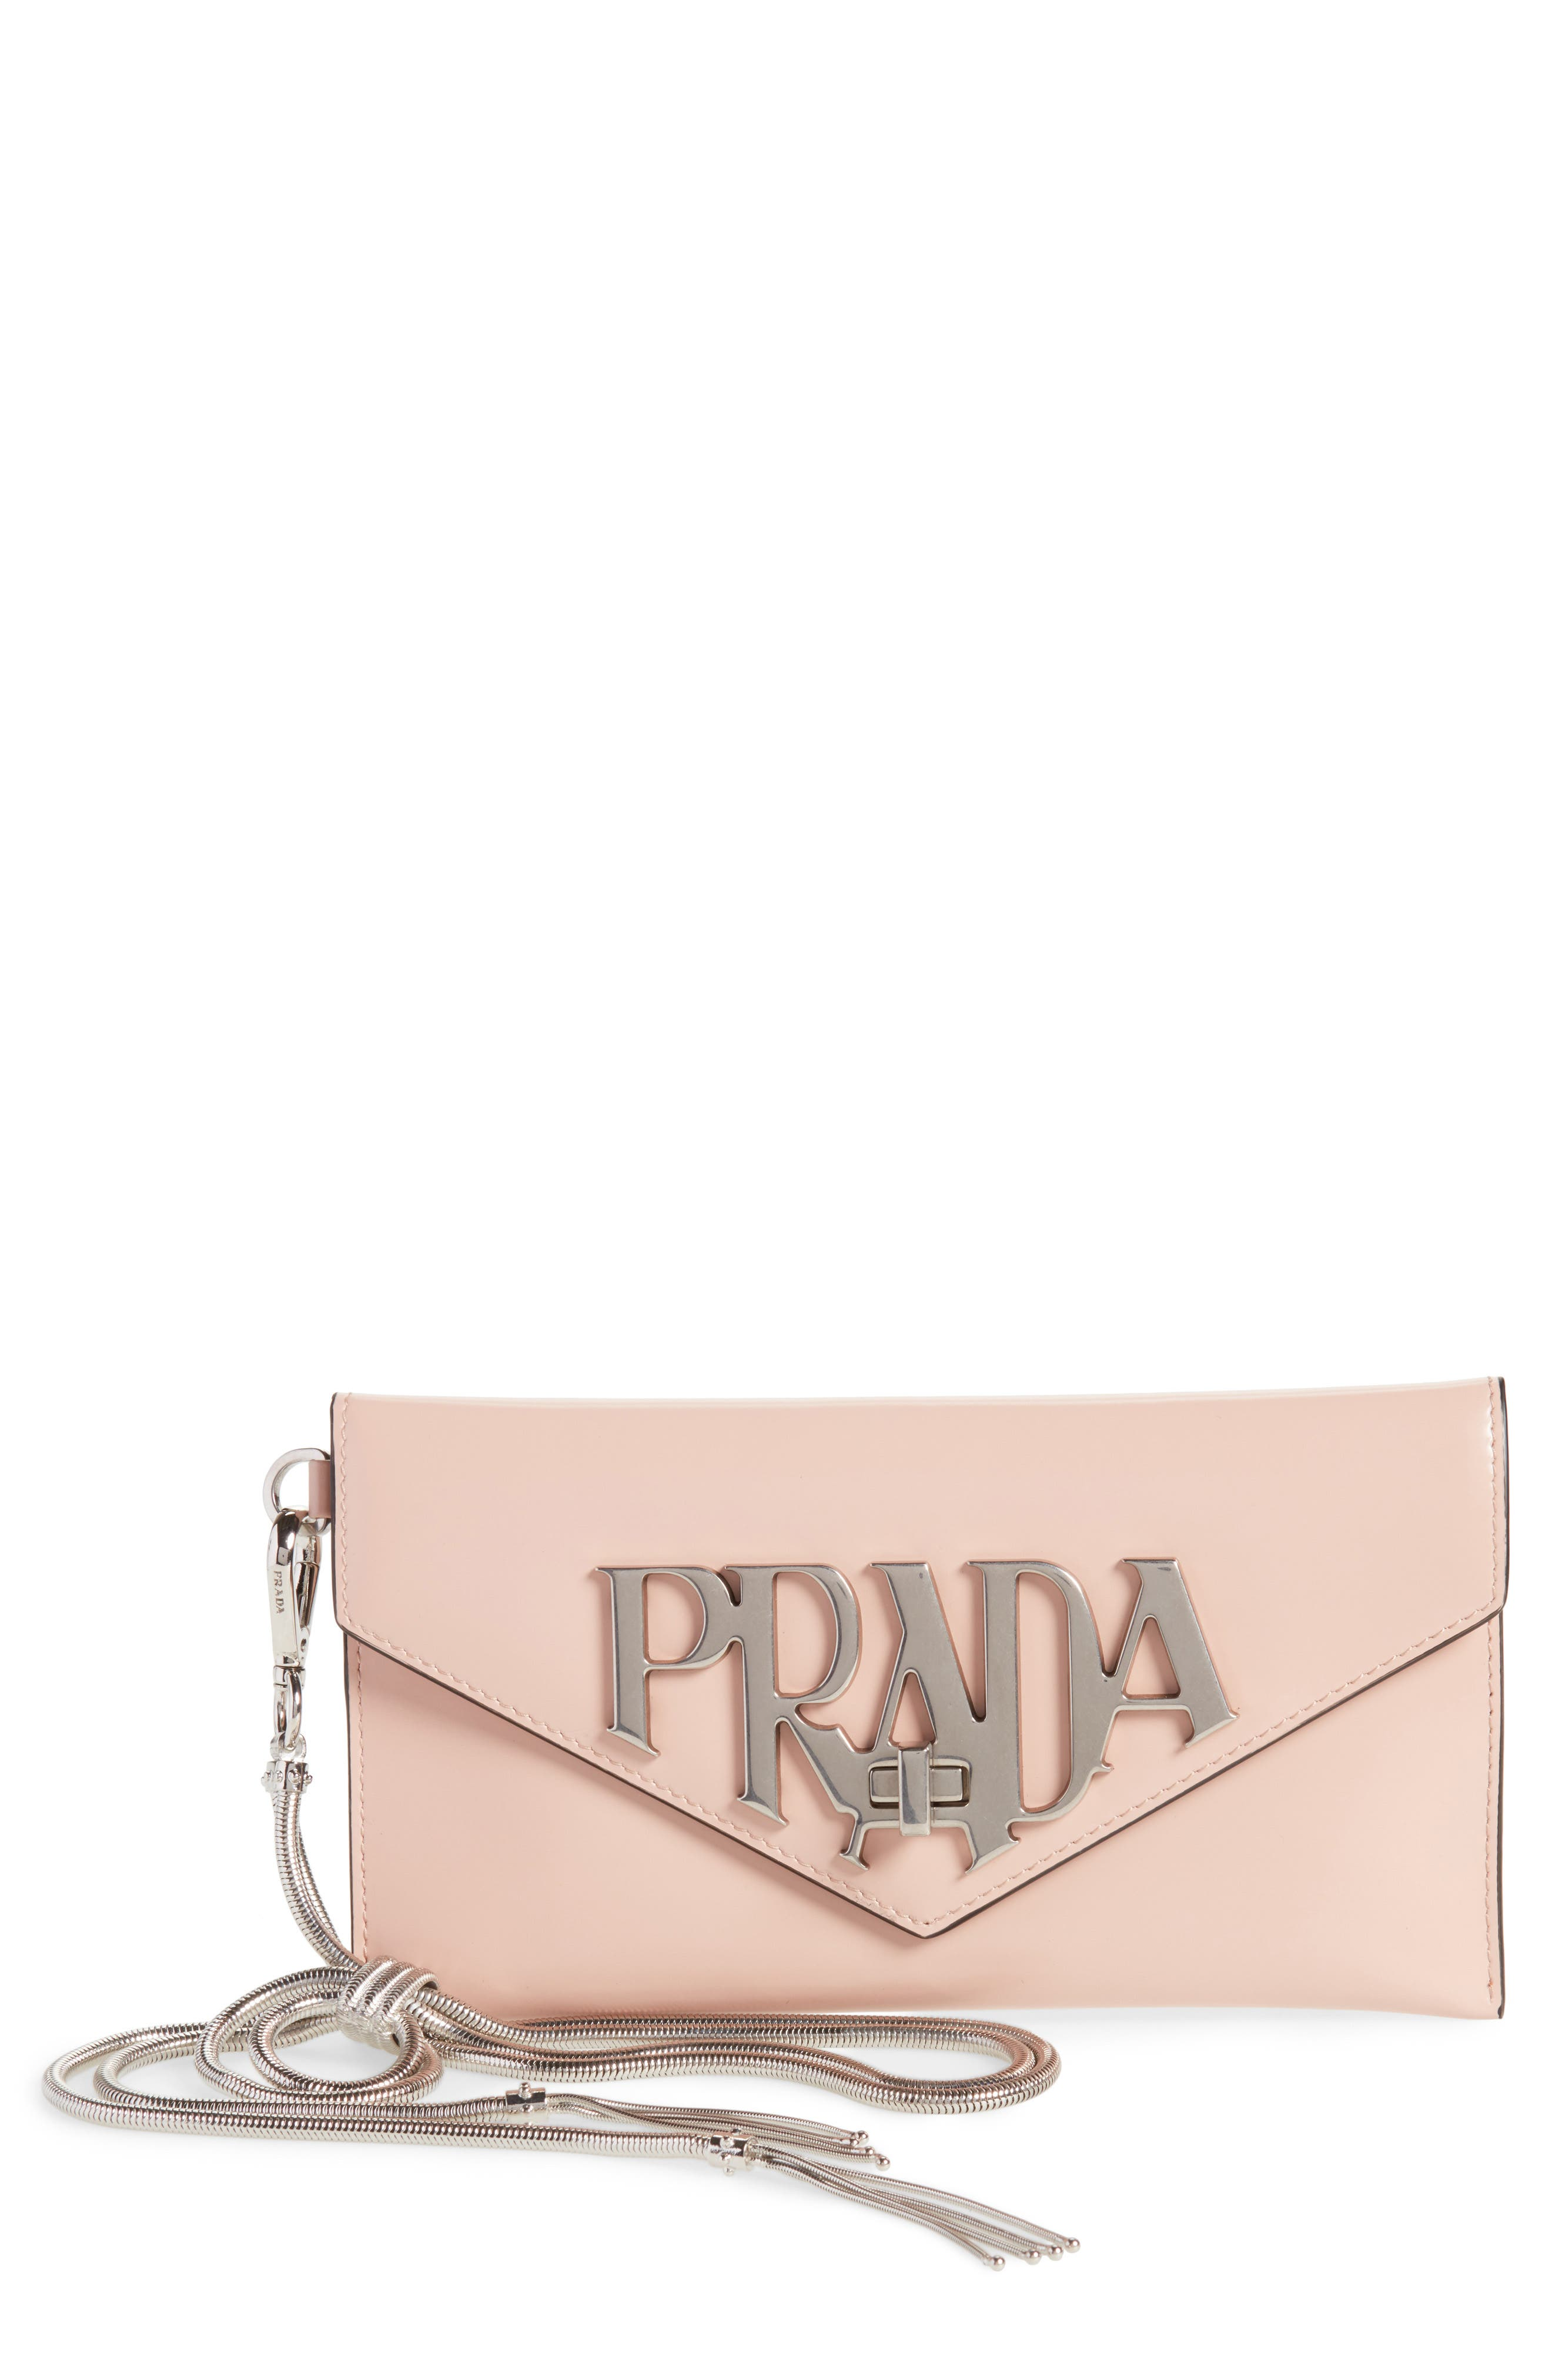 Spazzolato Leather Wristlet,                         Main,                         color, Pesca